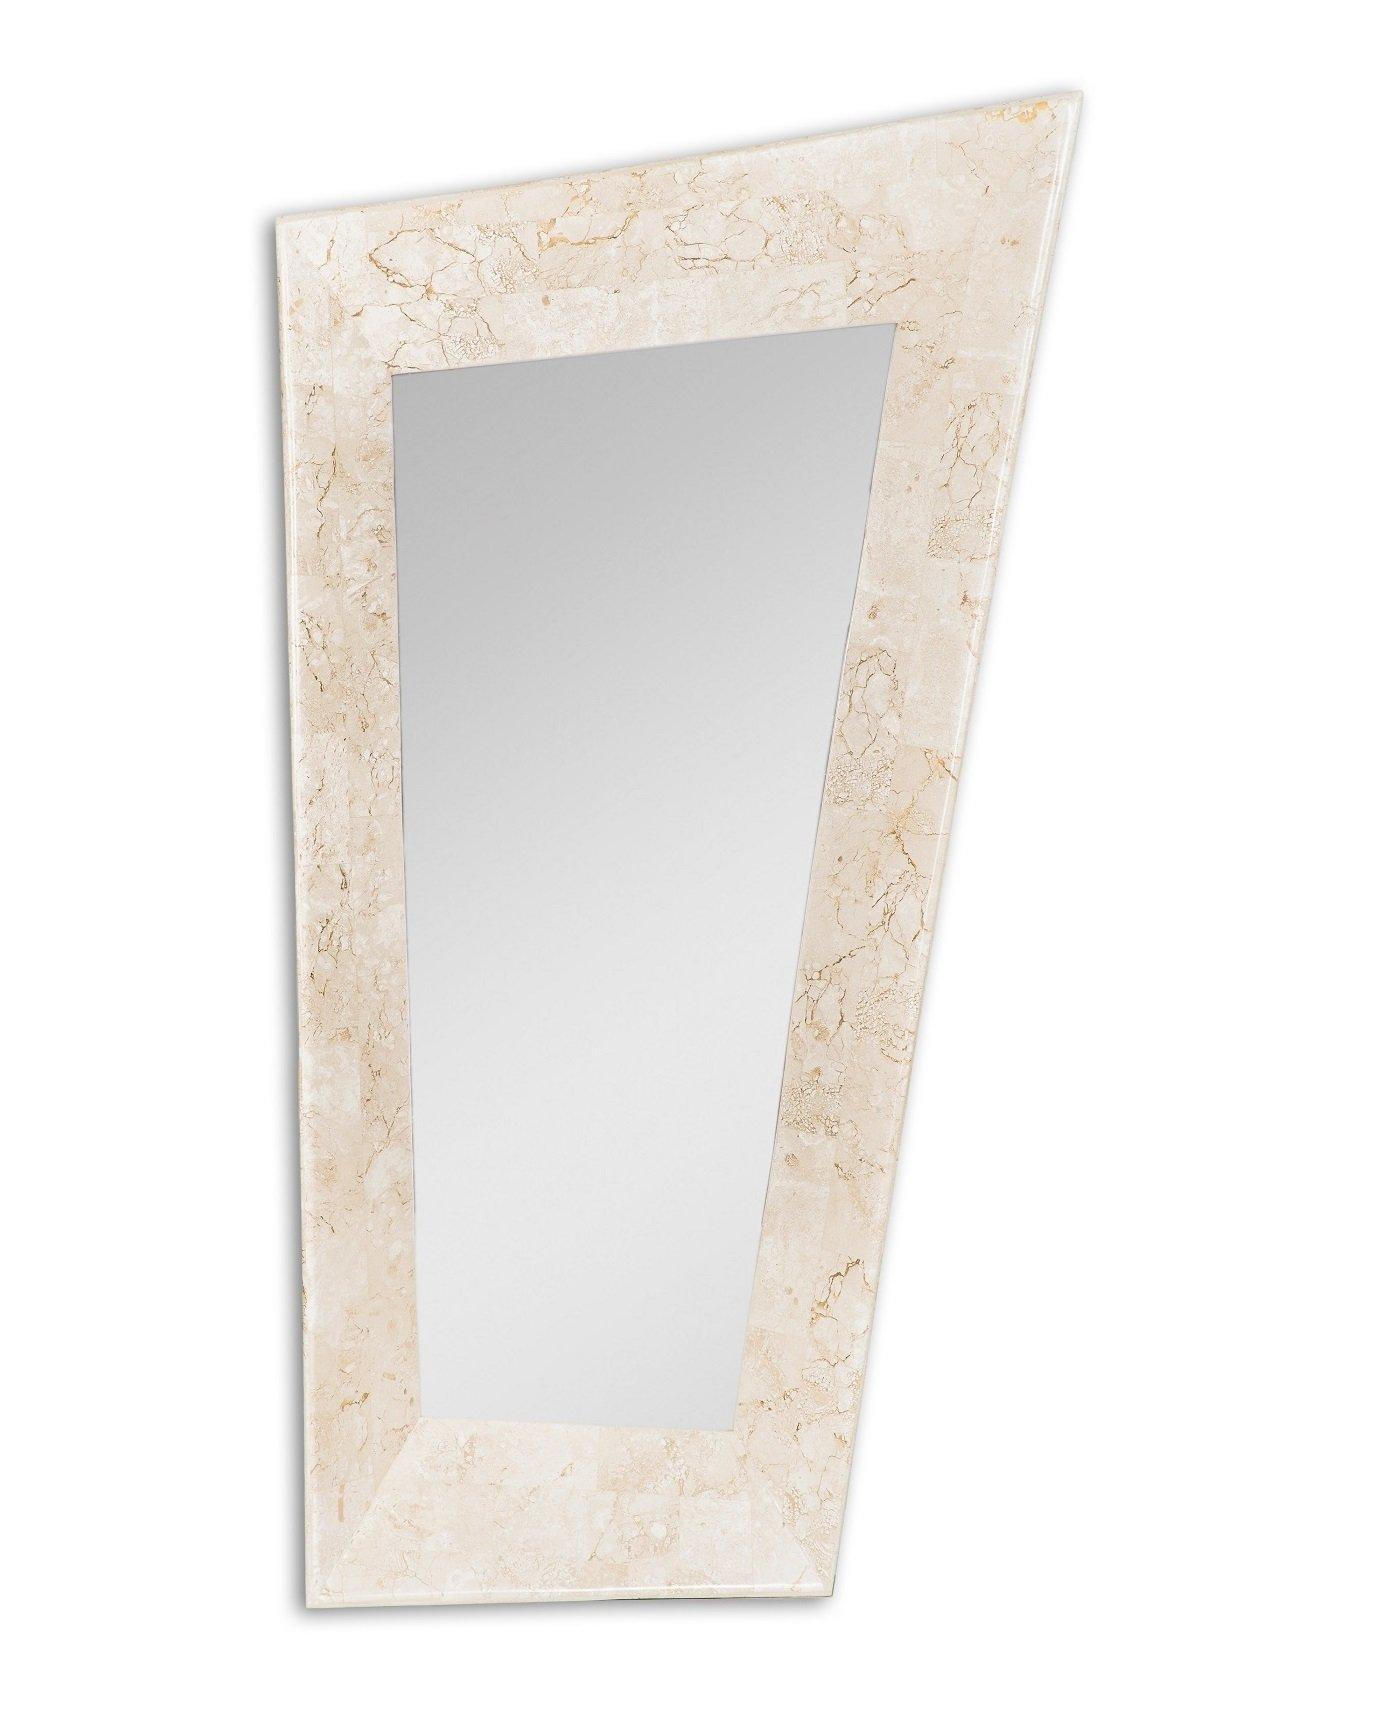 80x80x2 cm Stones SP//021 Specchio